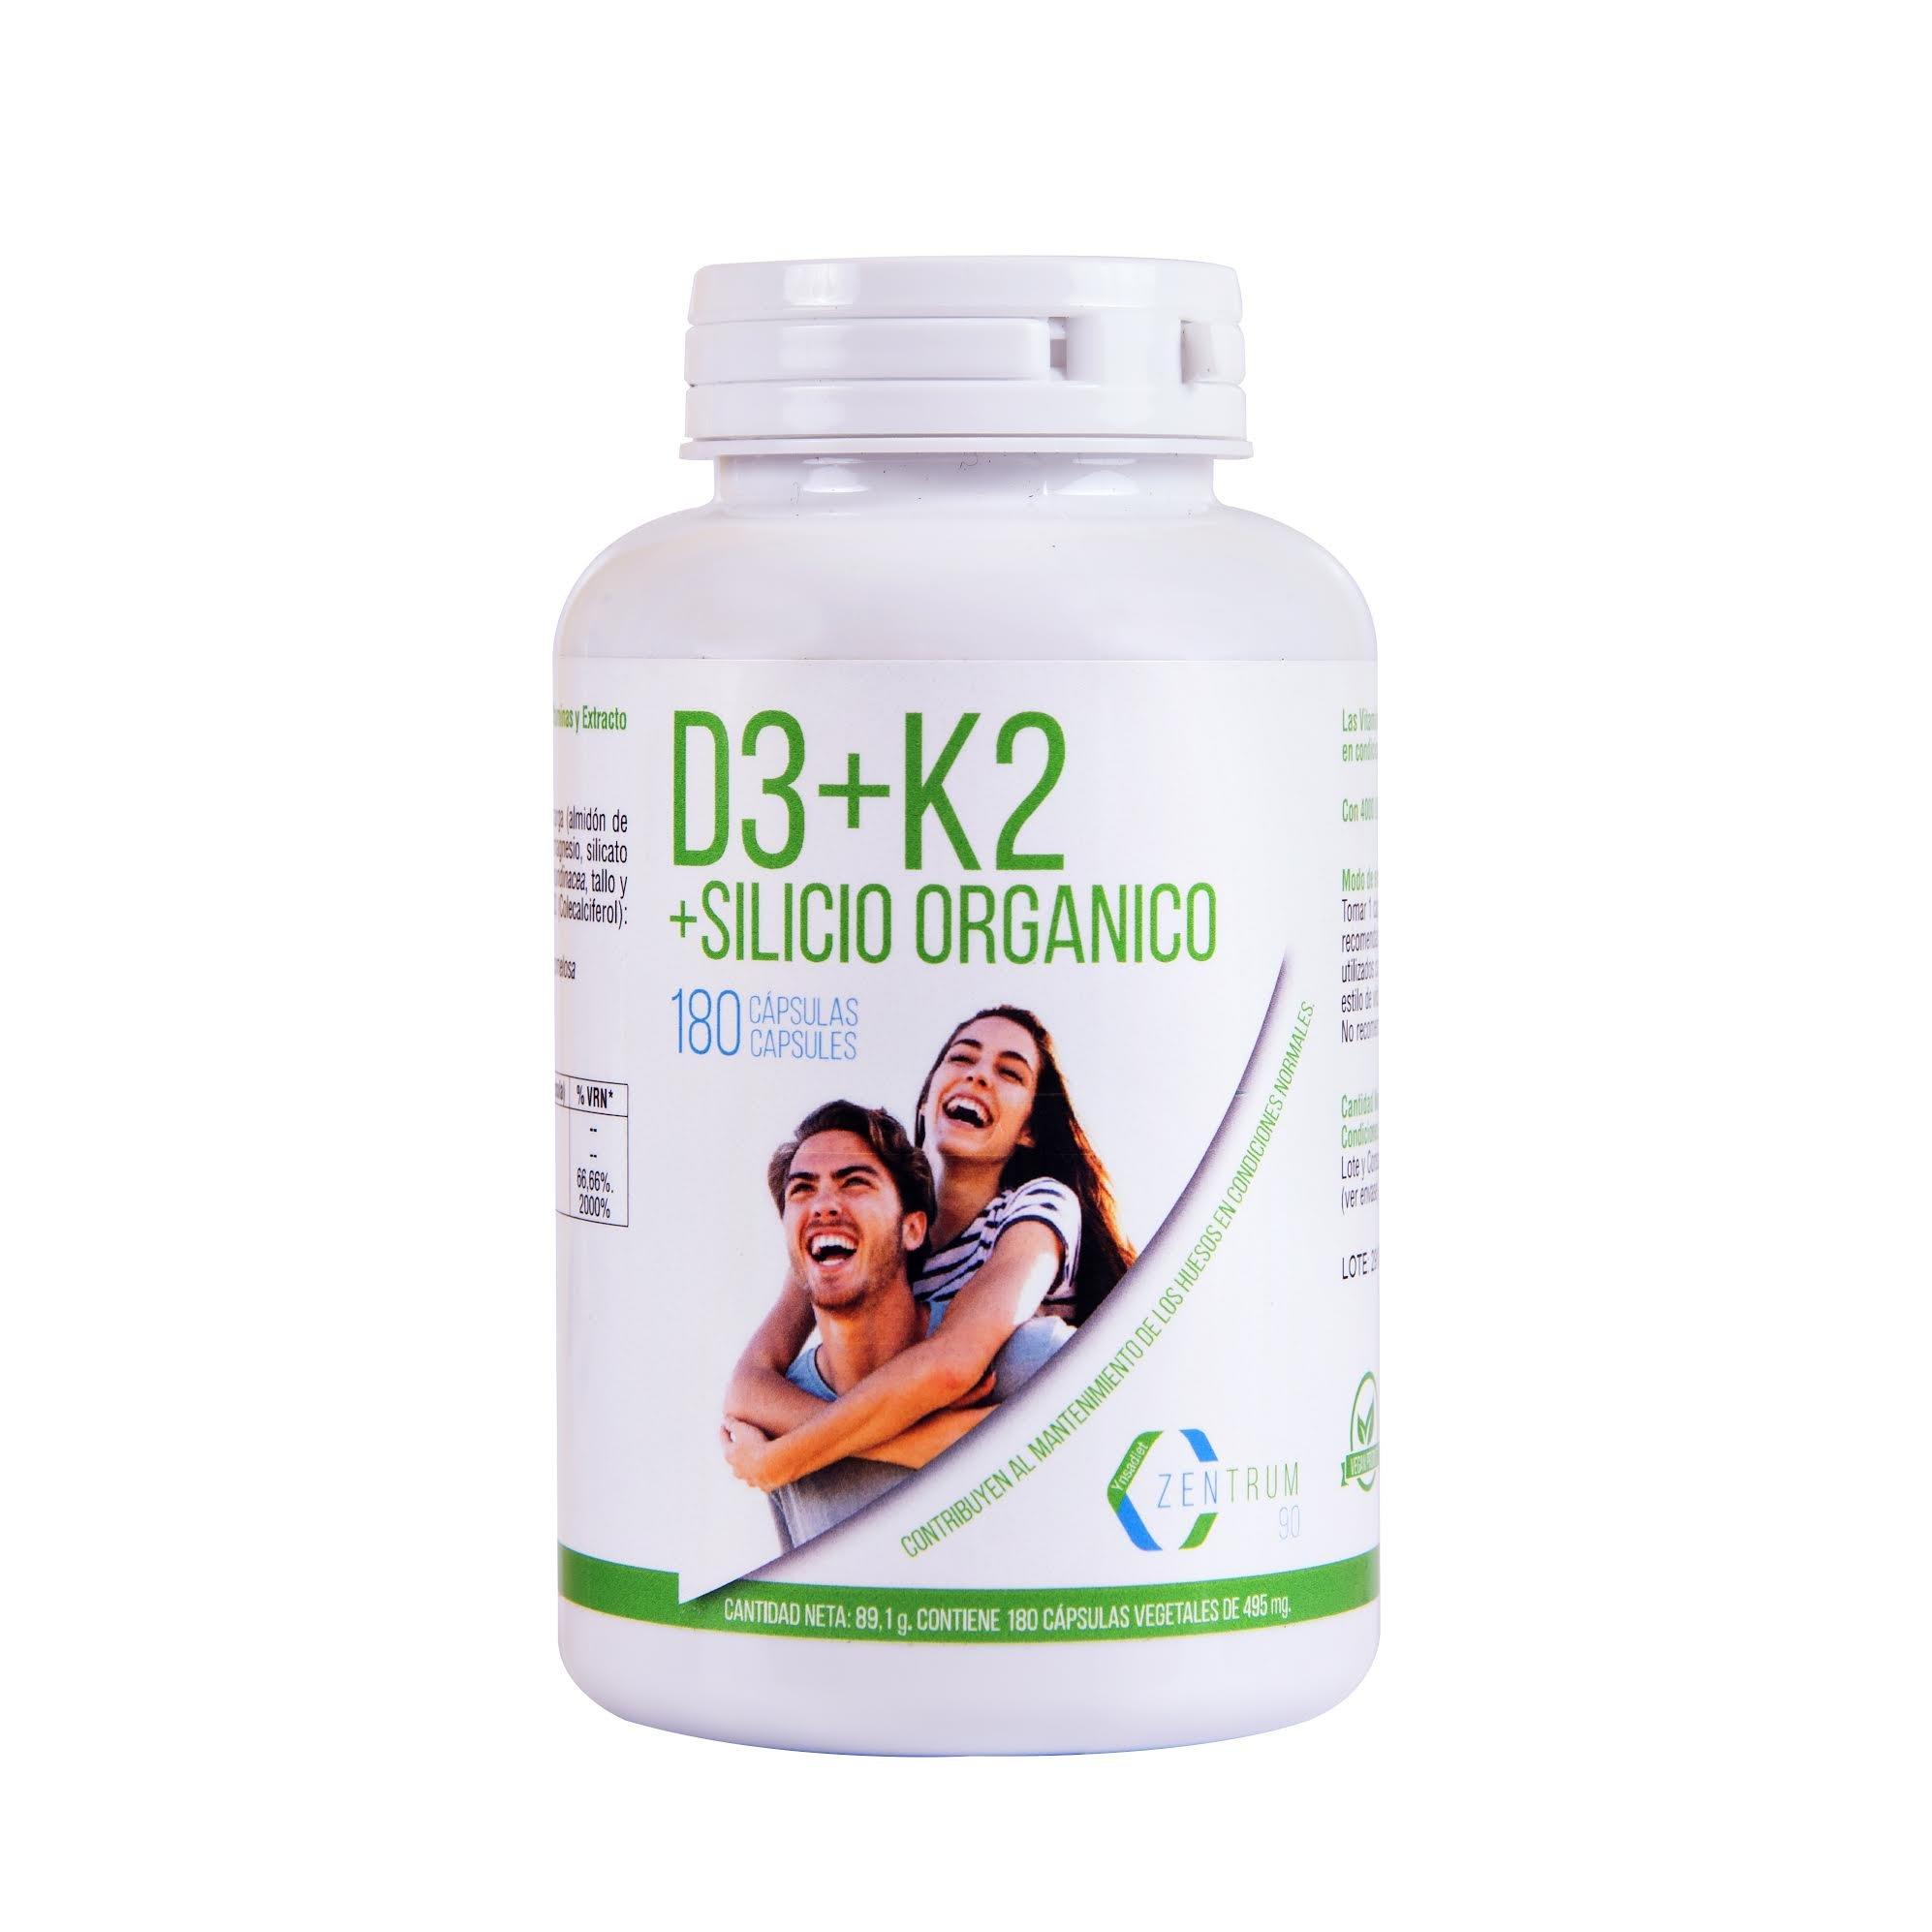 Vitamina D3, vitamina K2 y silicio orgánico para el mantenimiento de unos huesos fuertes –